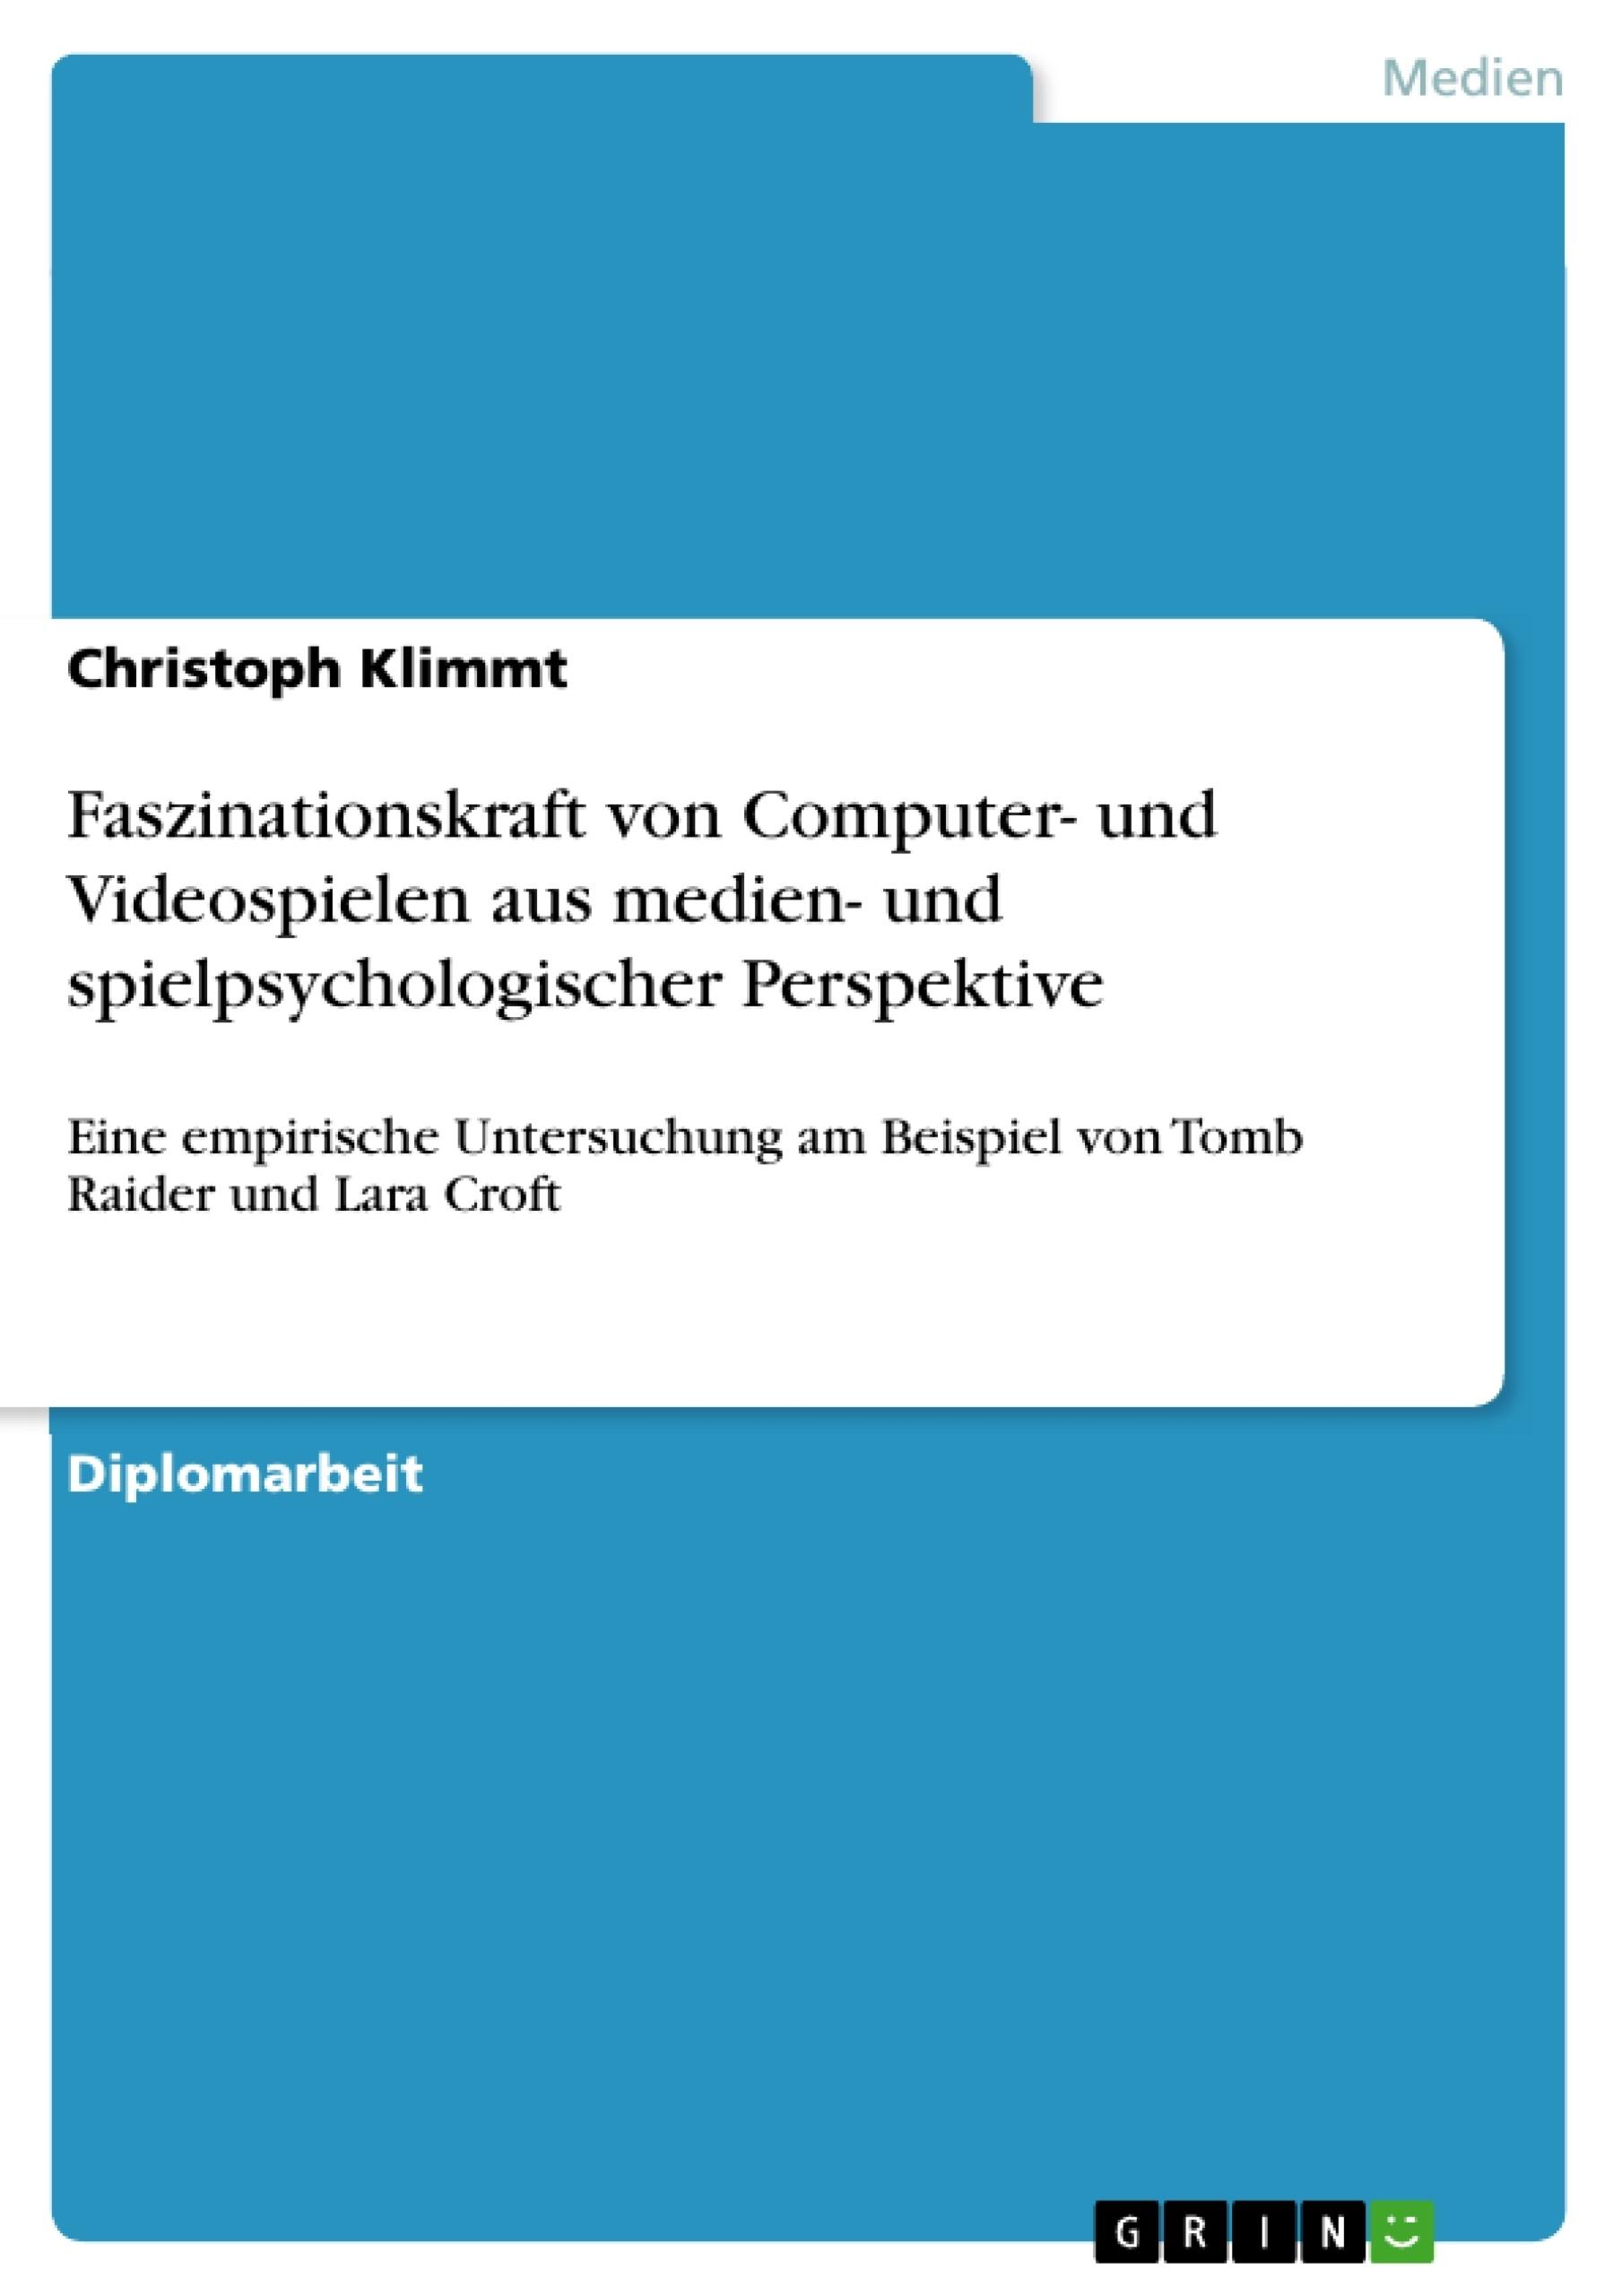 Titel: Faszinationskraft von Computer- und Videospielen aus medien- und spielpsychologischer Perspektive